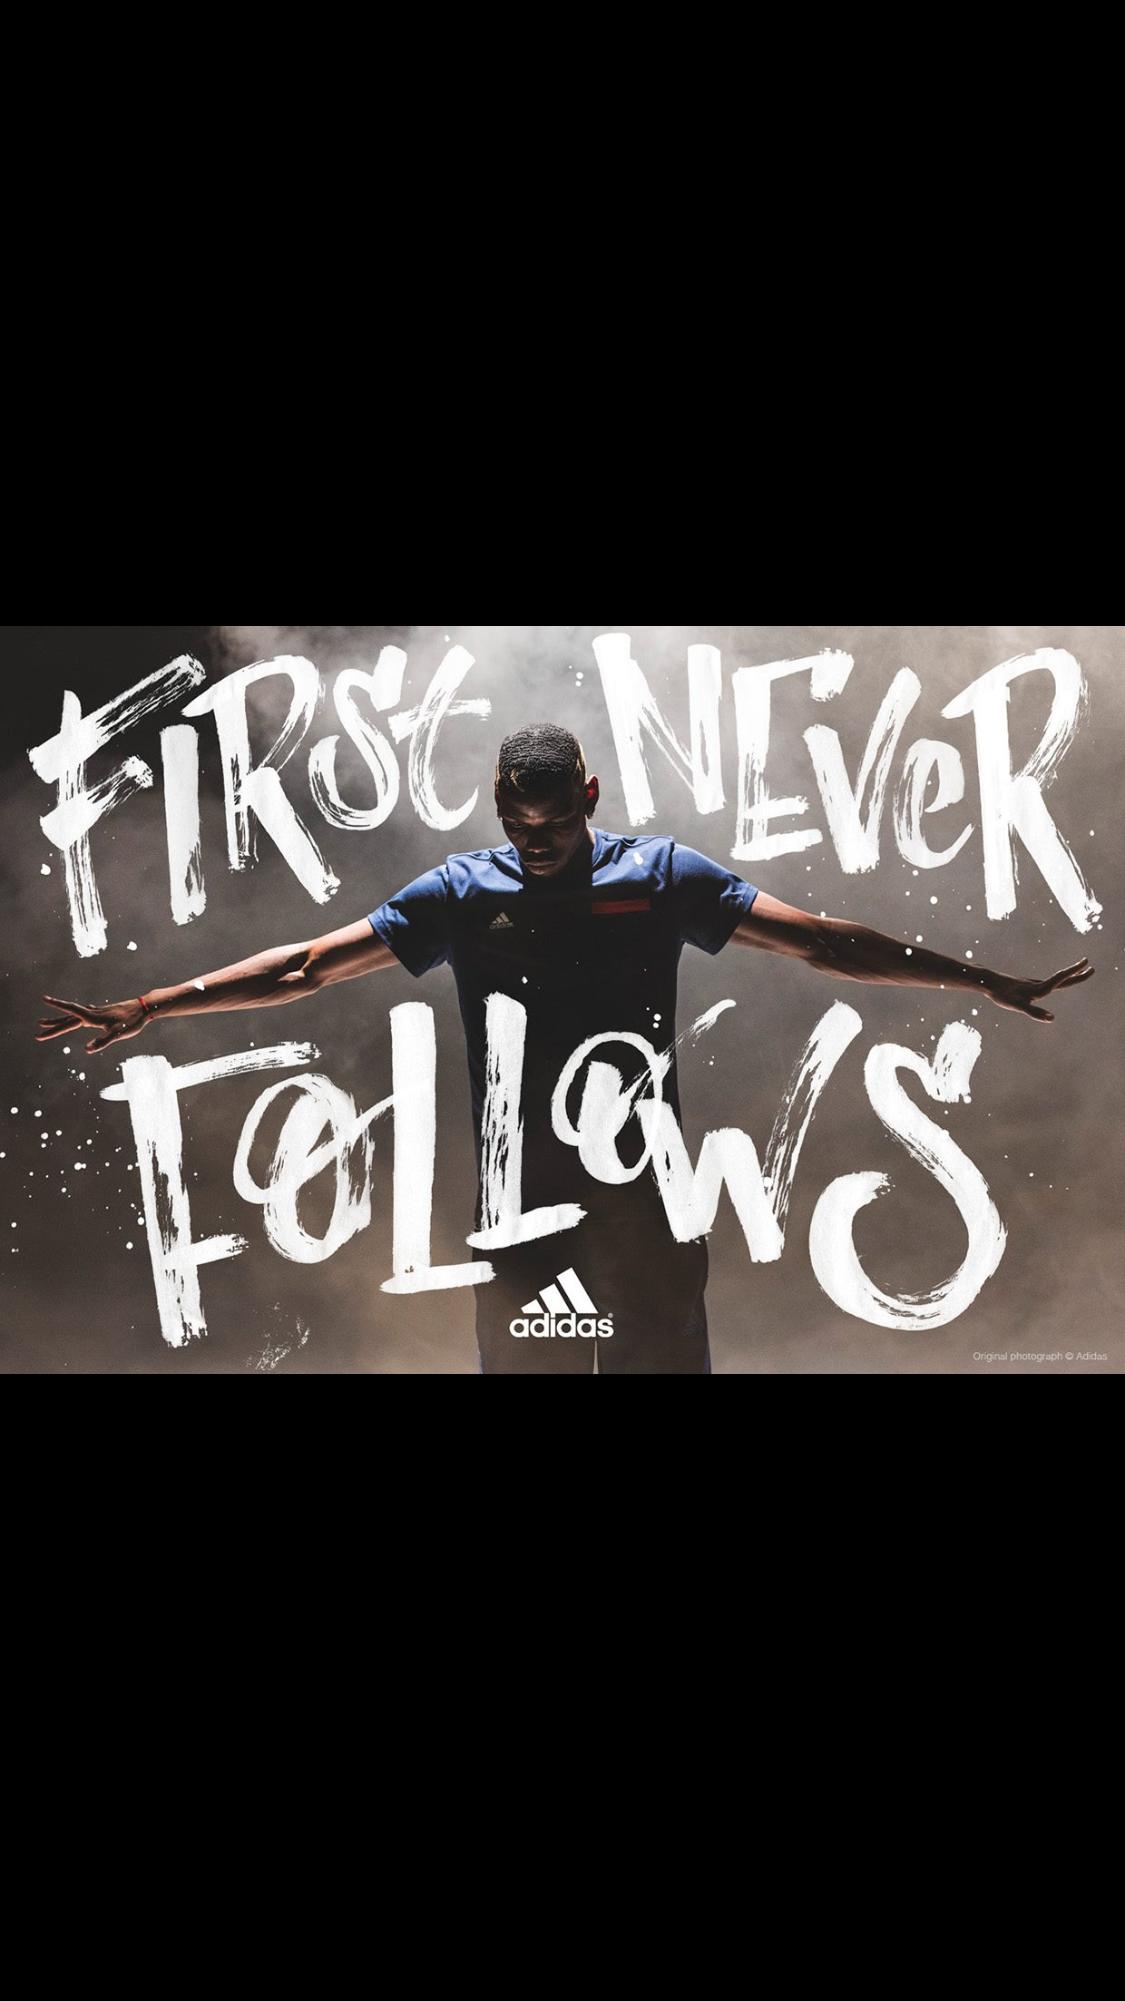 First never follows adidas sport ad advertisement